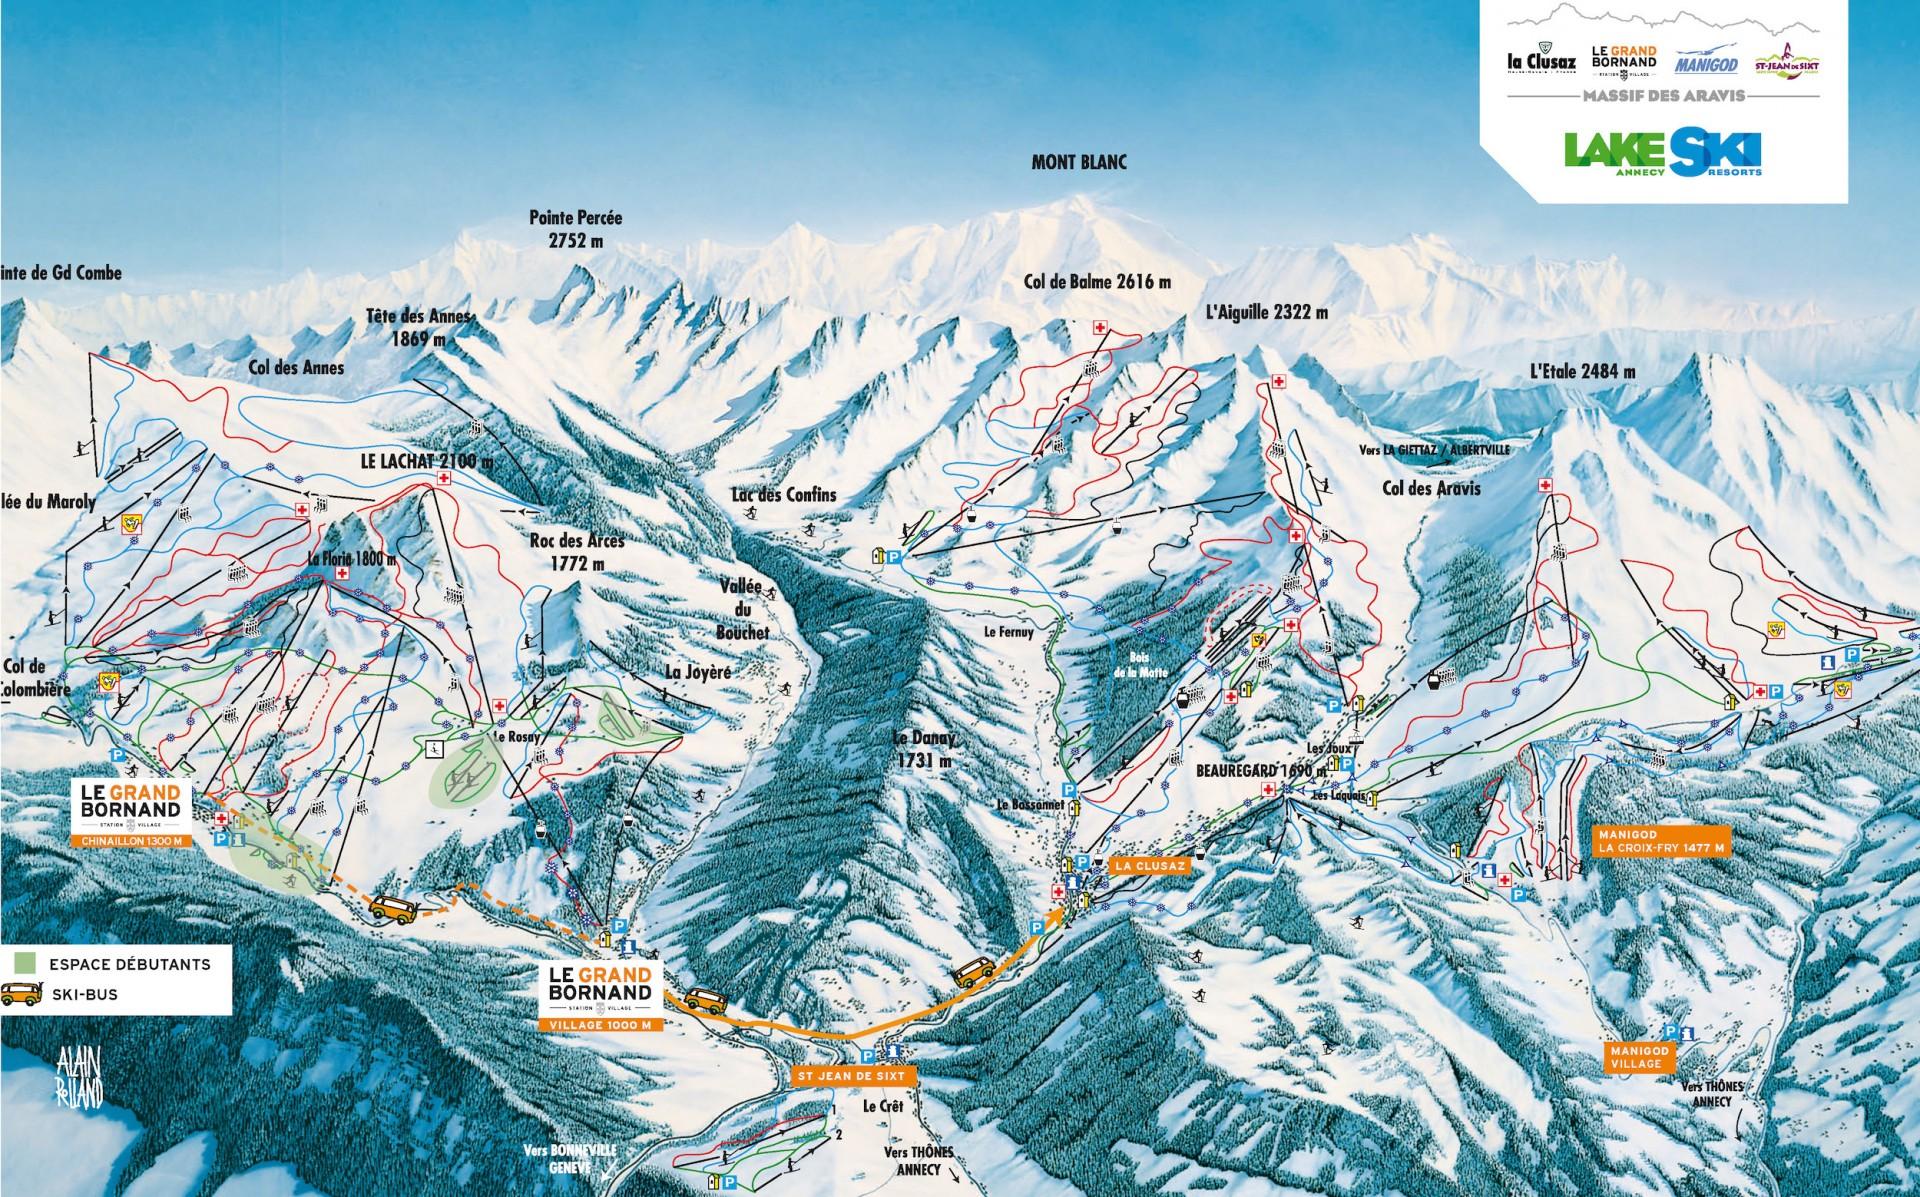 Plan des pistes du domaine skiable alpin du Massif des Aravis